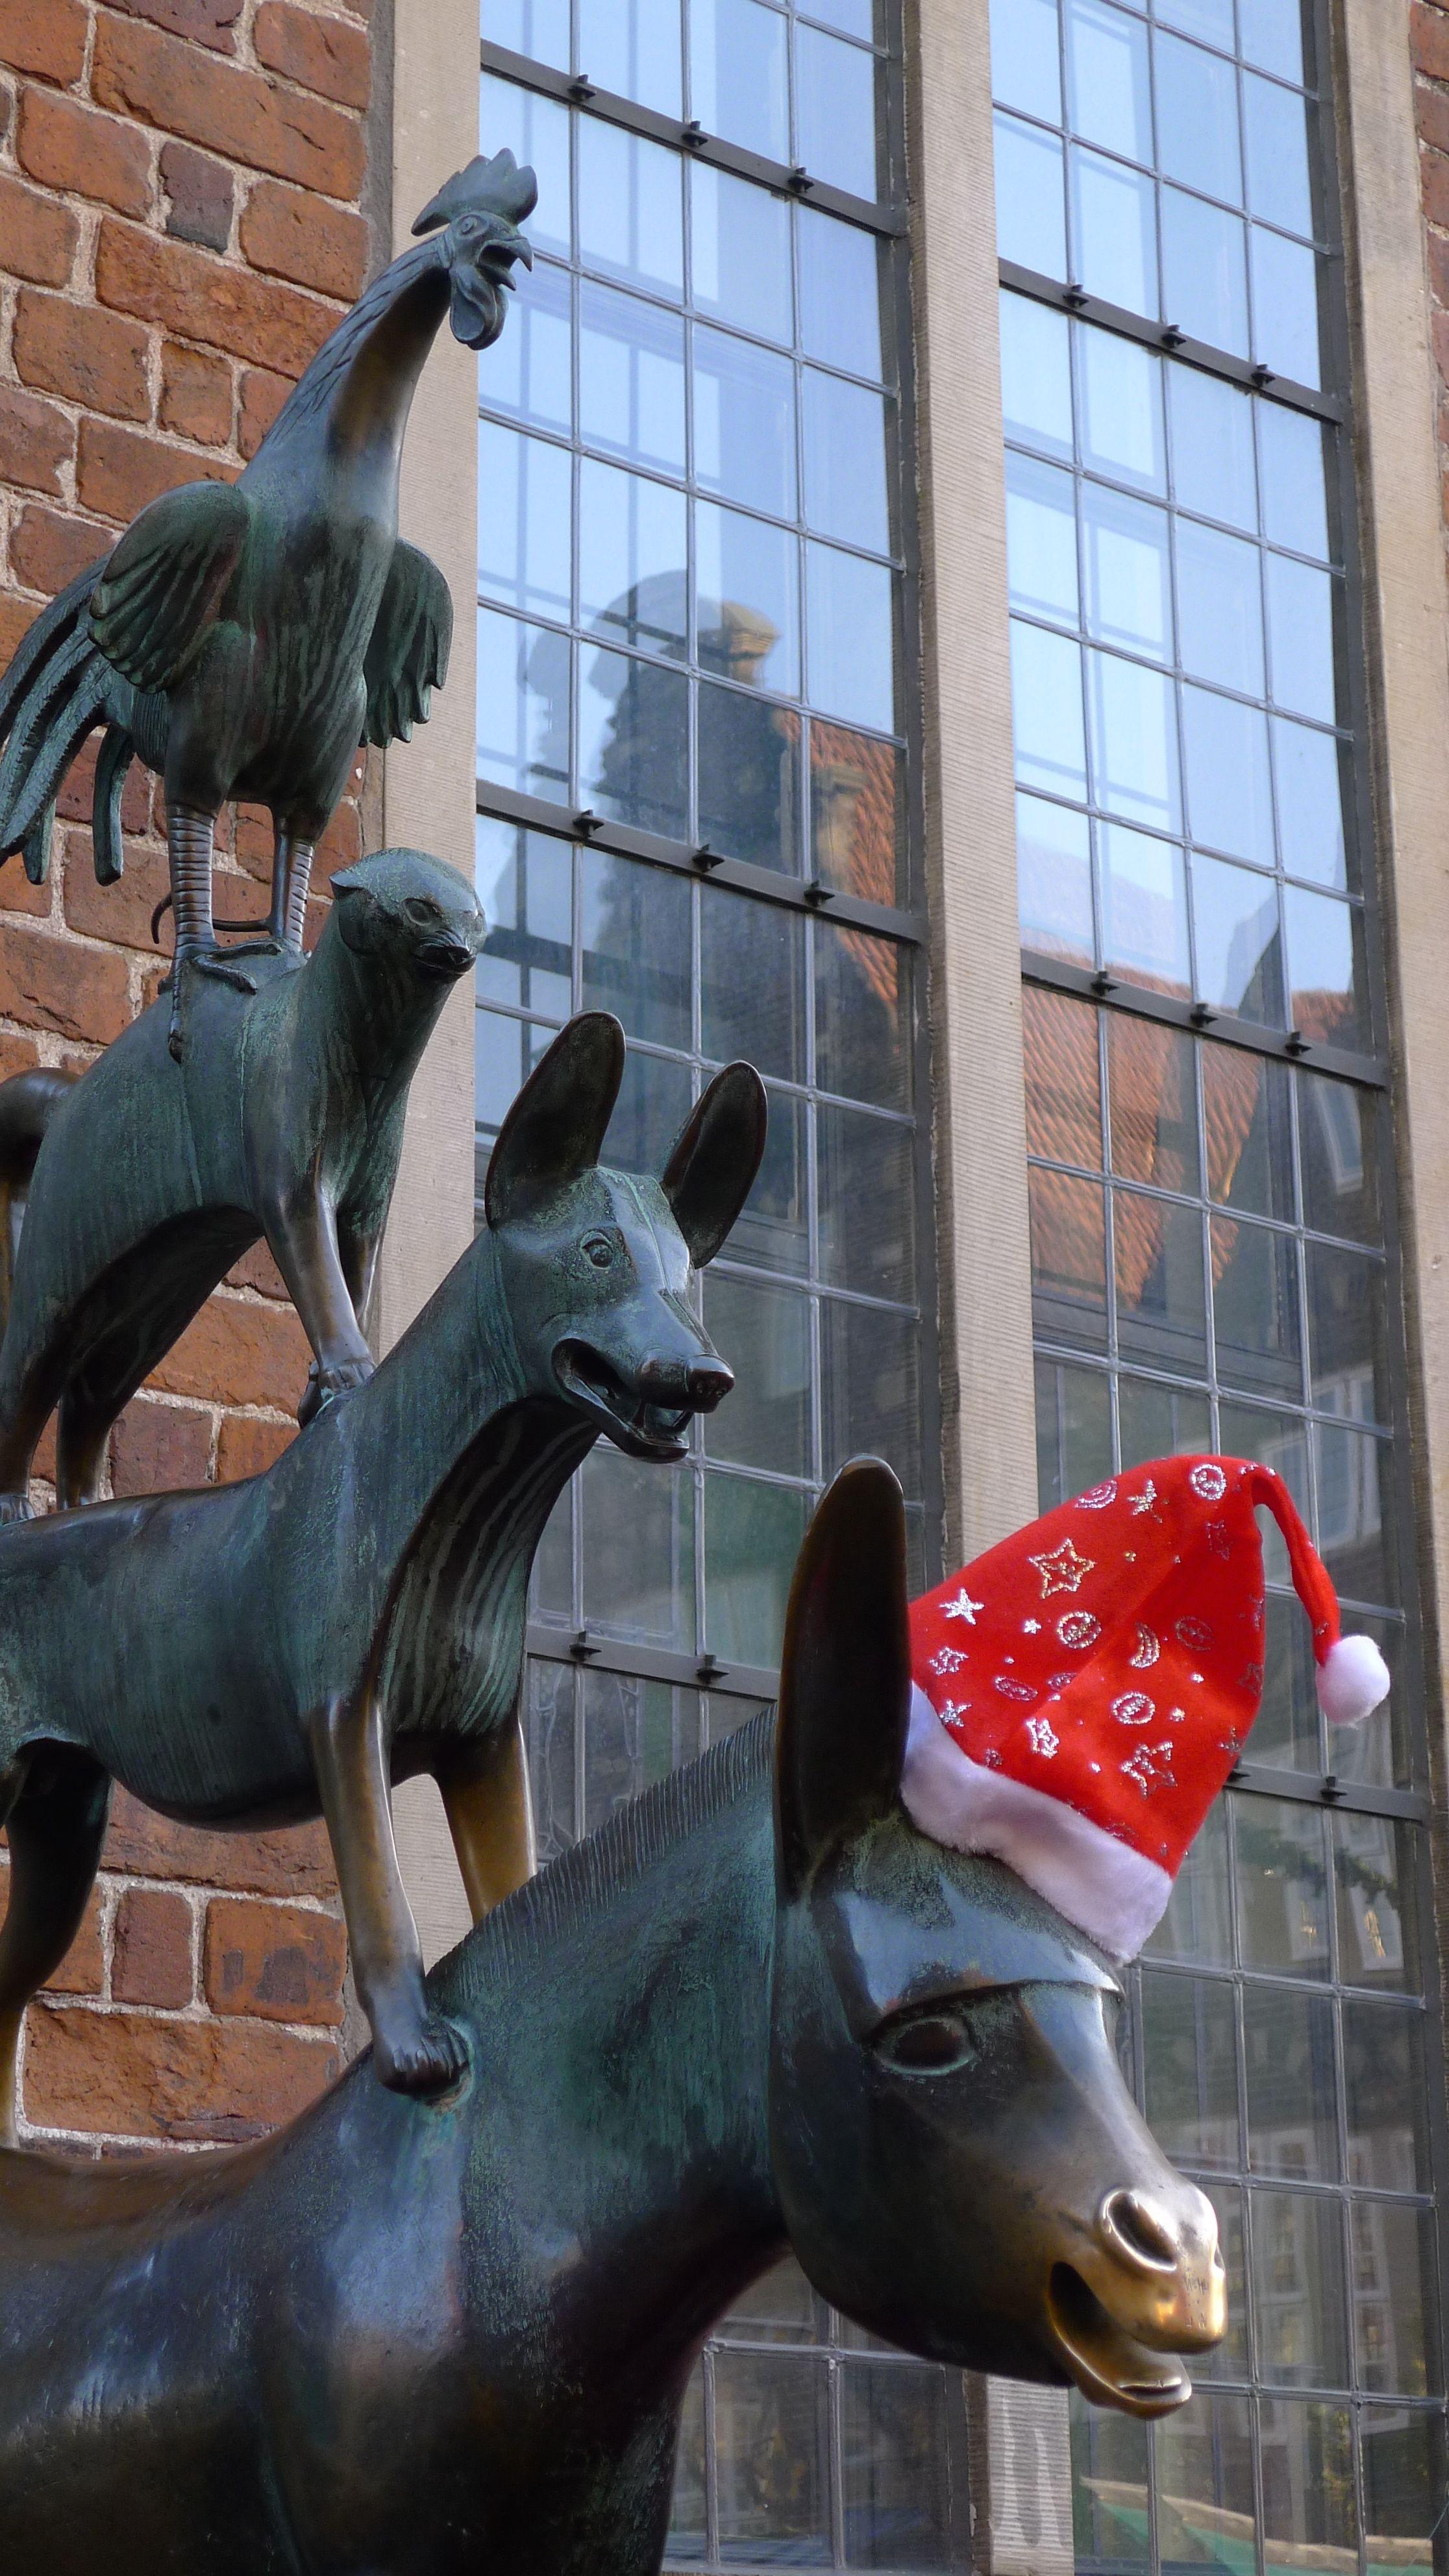 bremer stadtmusikanten in weihnachtstimmung bremen